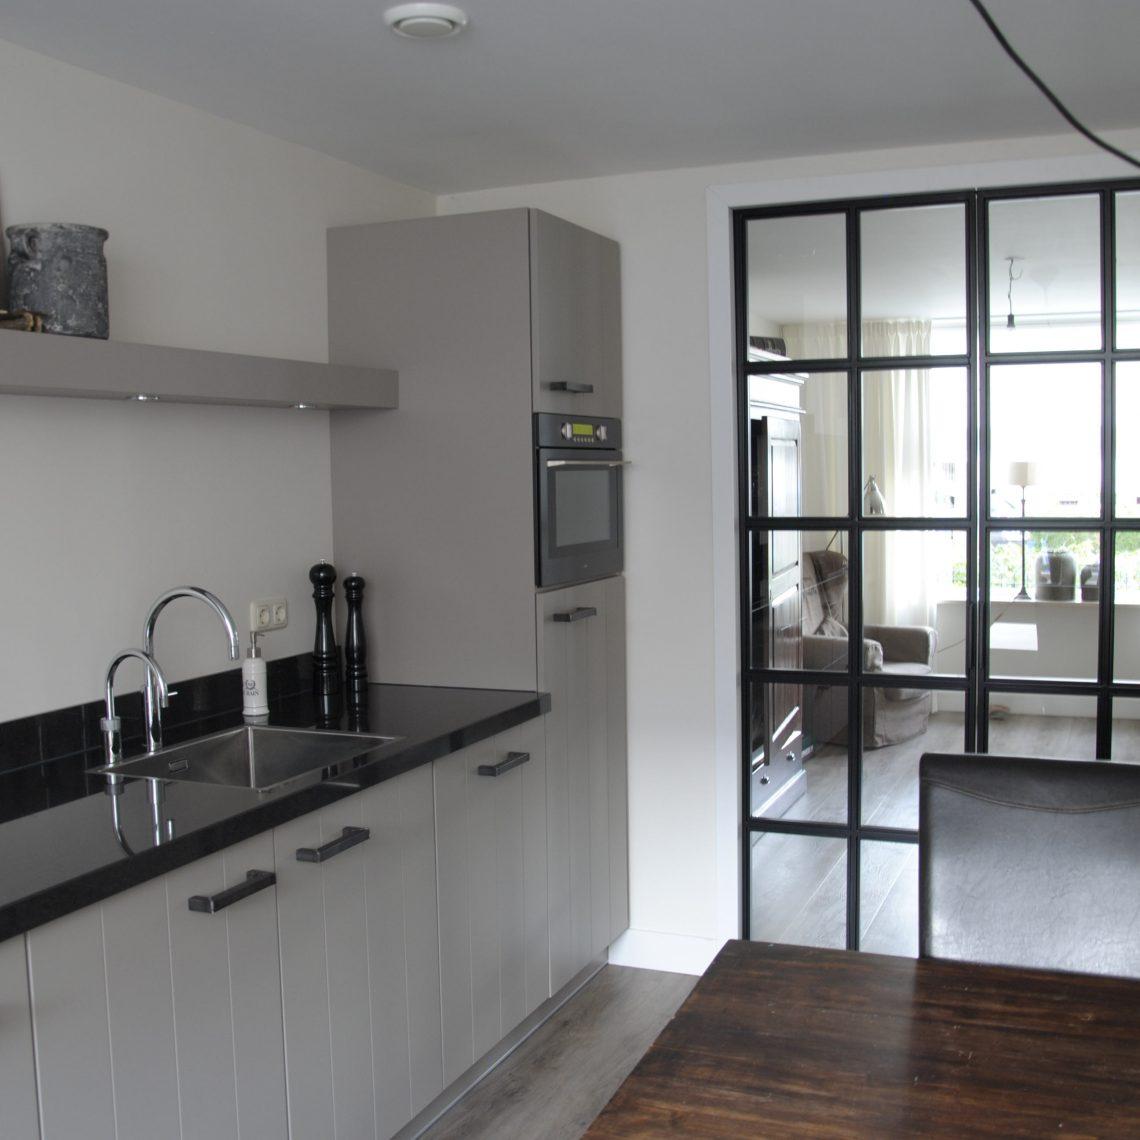 Landelijk moderne keuken elspeet keukenhof sliedrecht - Moderne keuken muurdecoratie ...